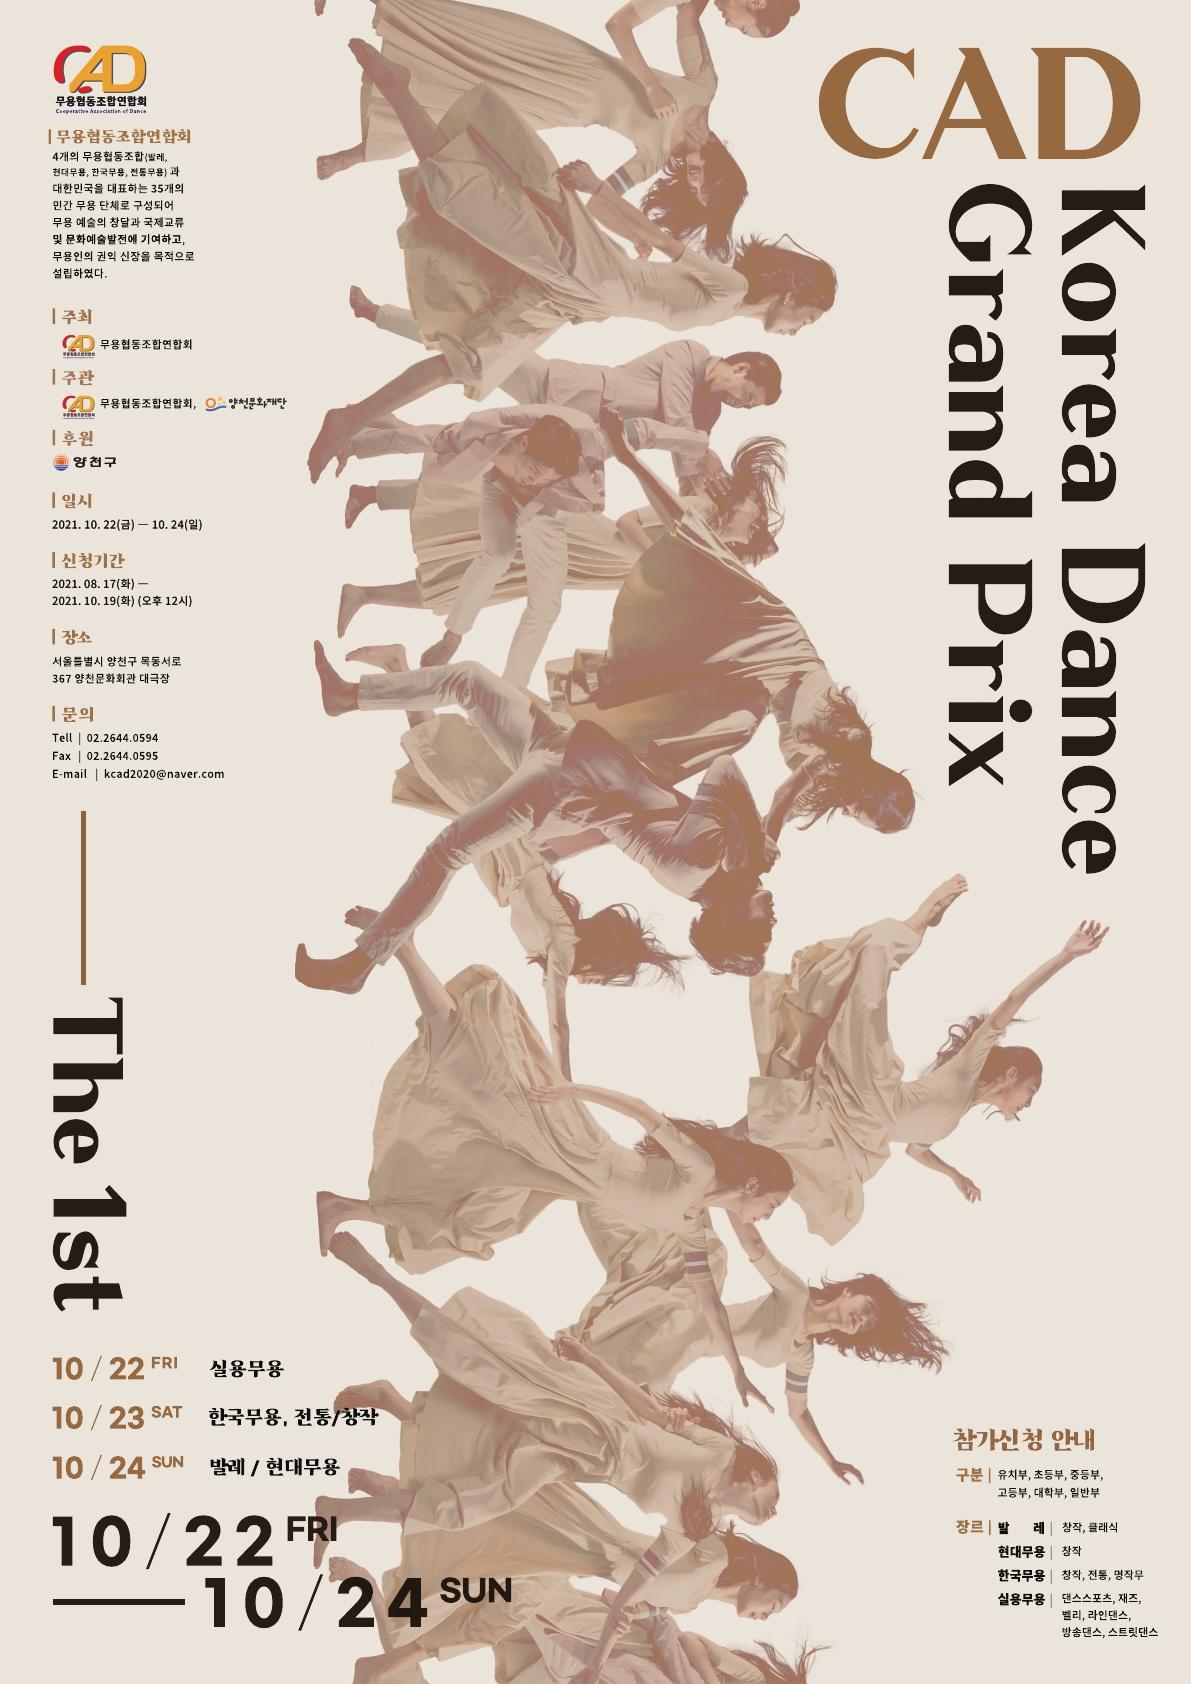 210929_제1회 CAD 코리아 댄스 그랑프리 콩쿨 포스터_A2_1.jpg